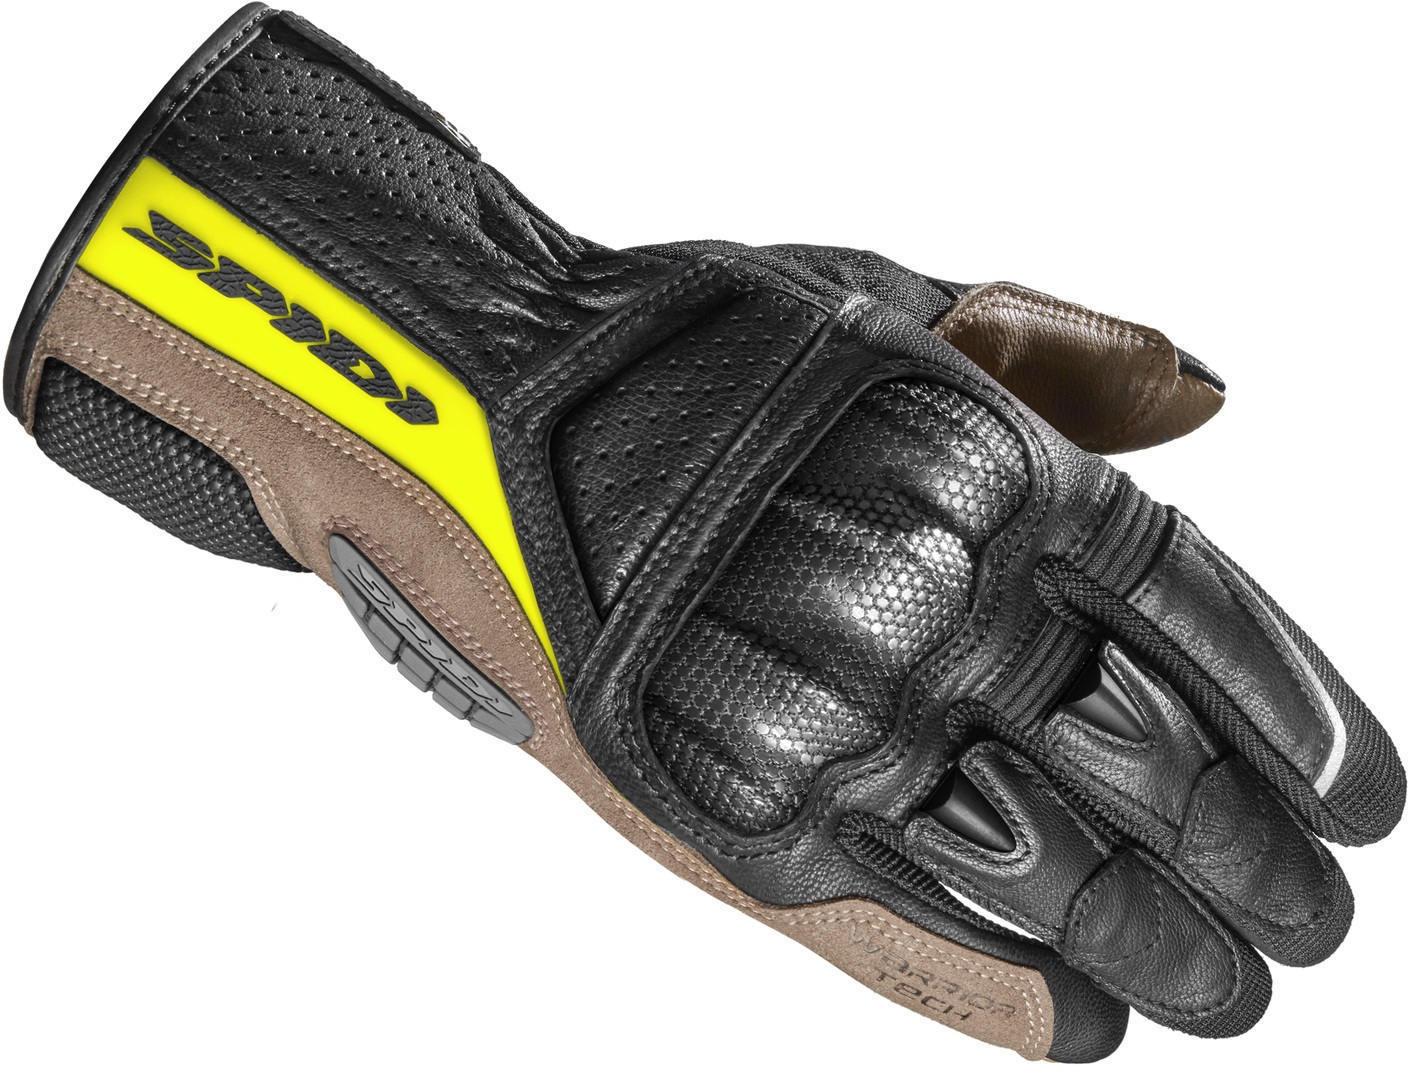 Spidi TX-Pro Gants de moto Noir Jaune taille : L